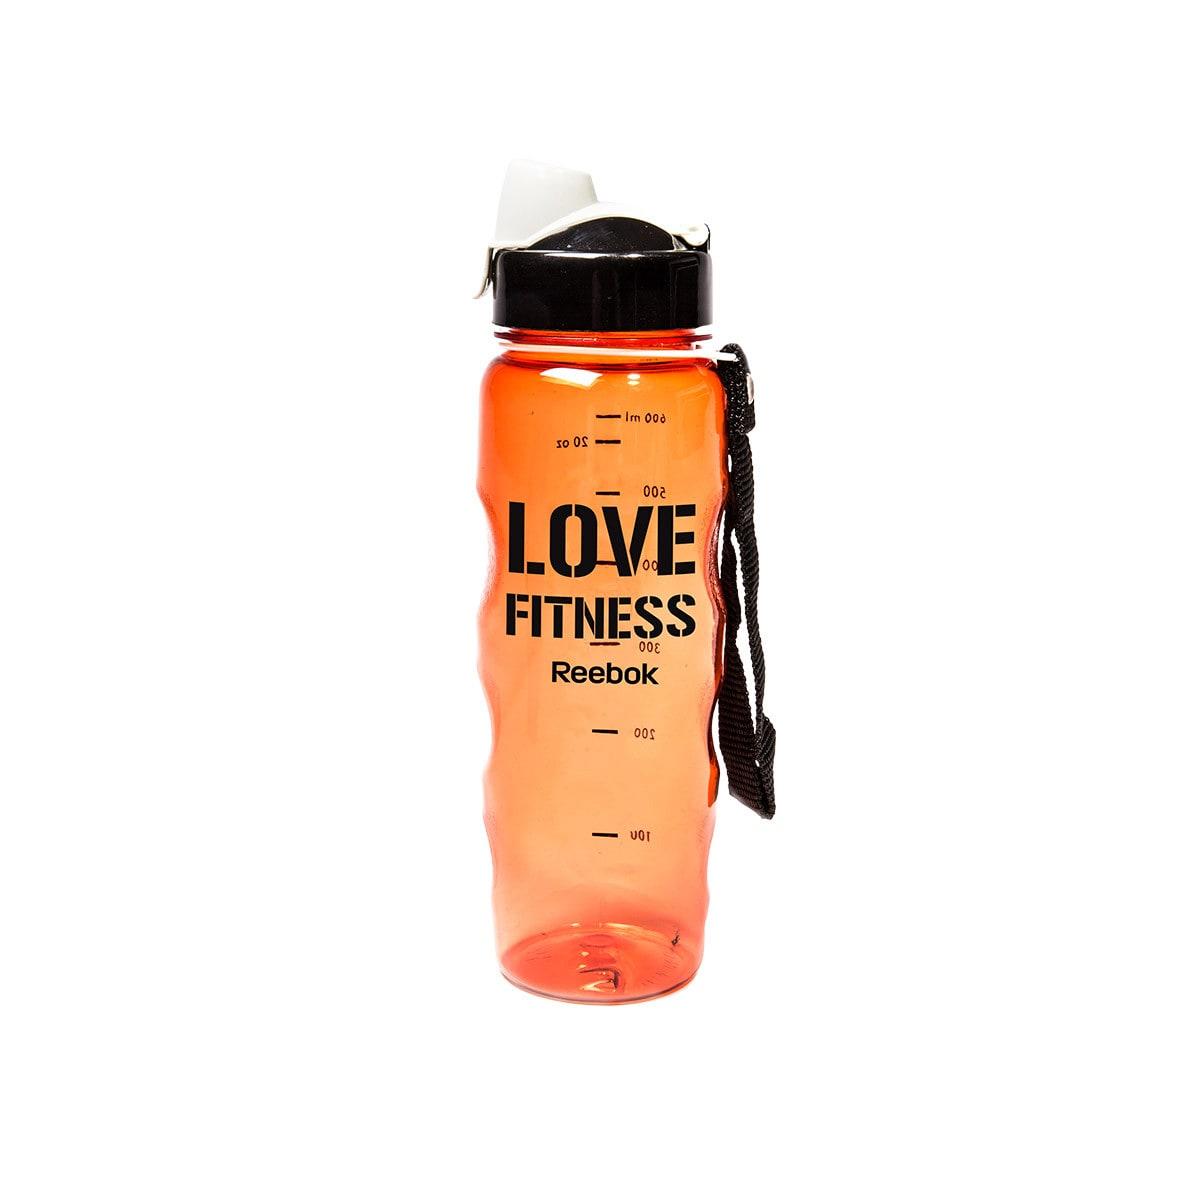 Reebok Trinkflasche aus Plastik orange, schwarz und weiß